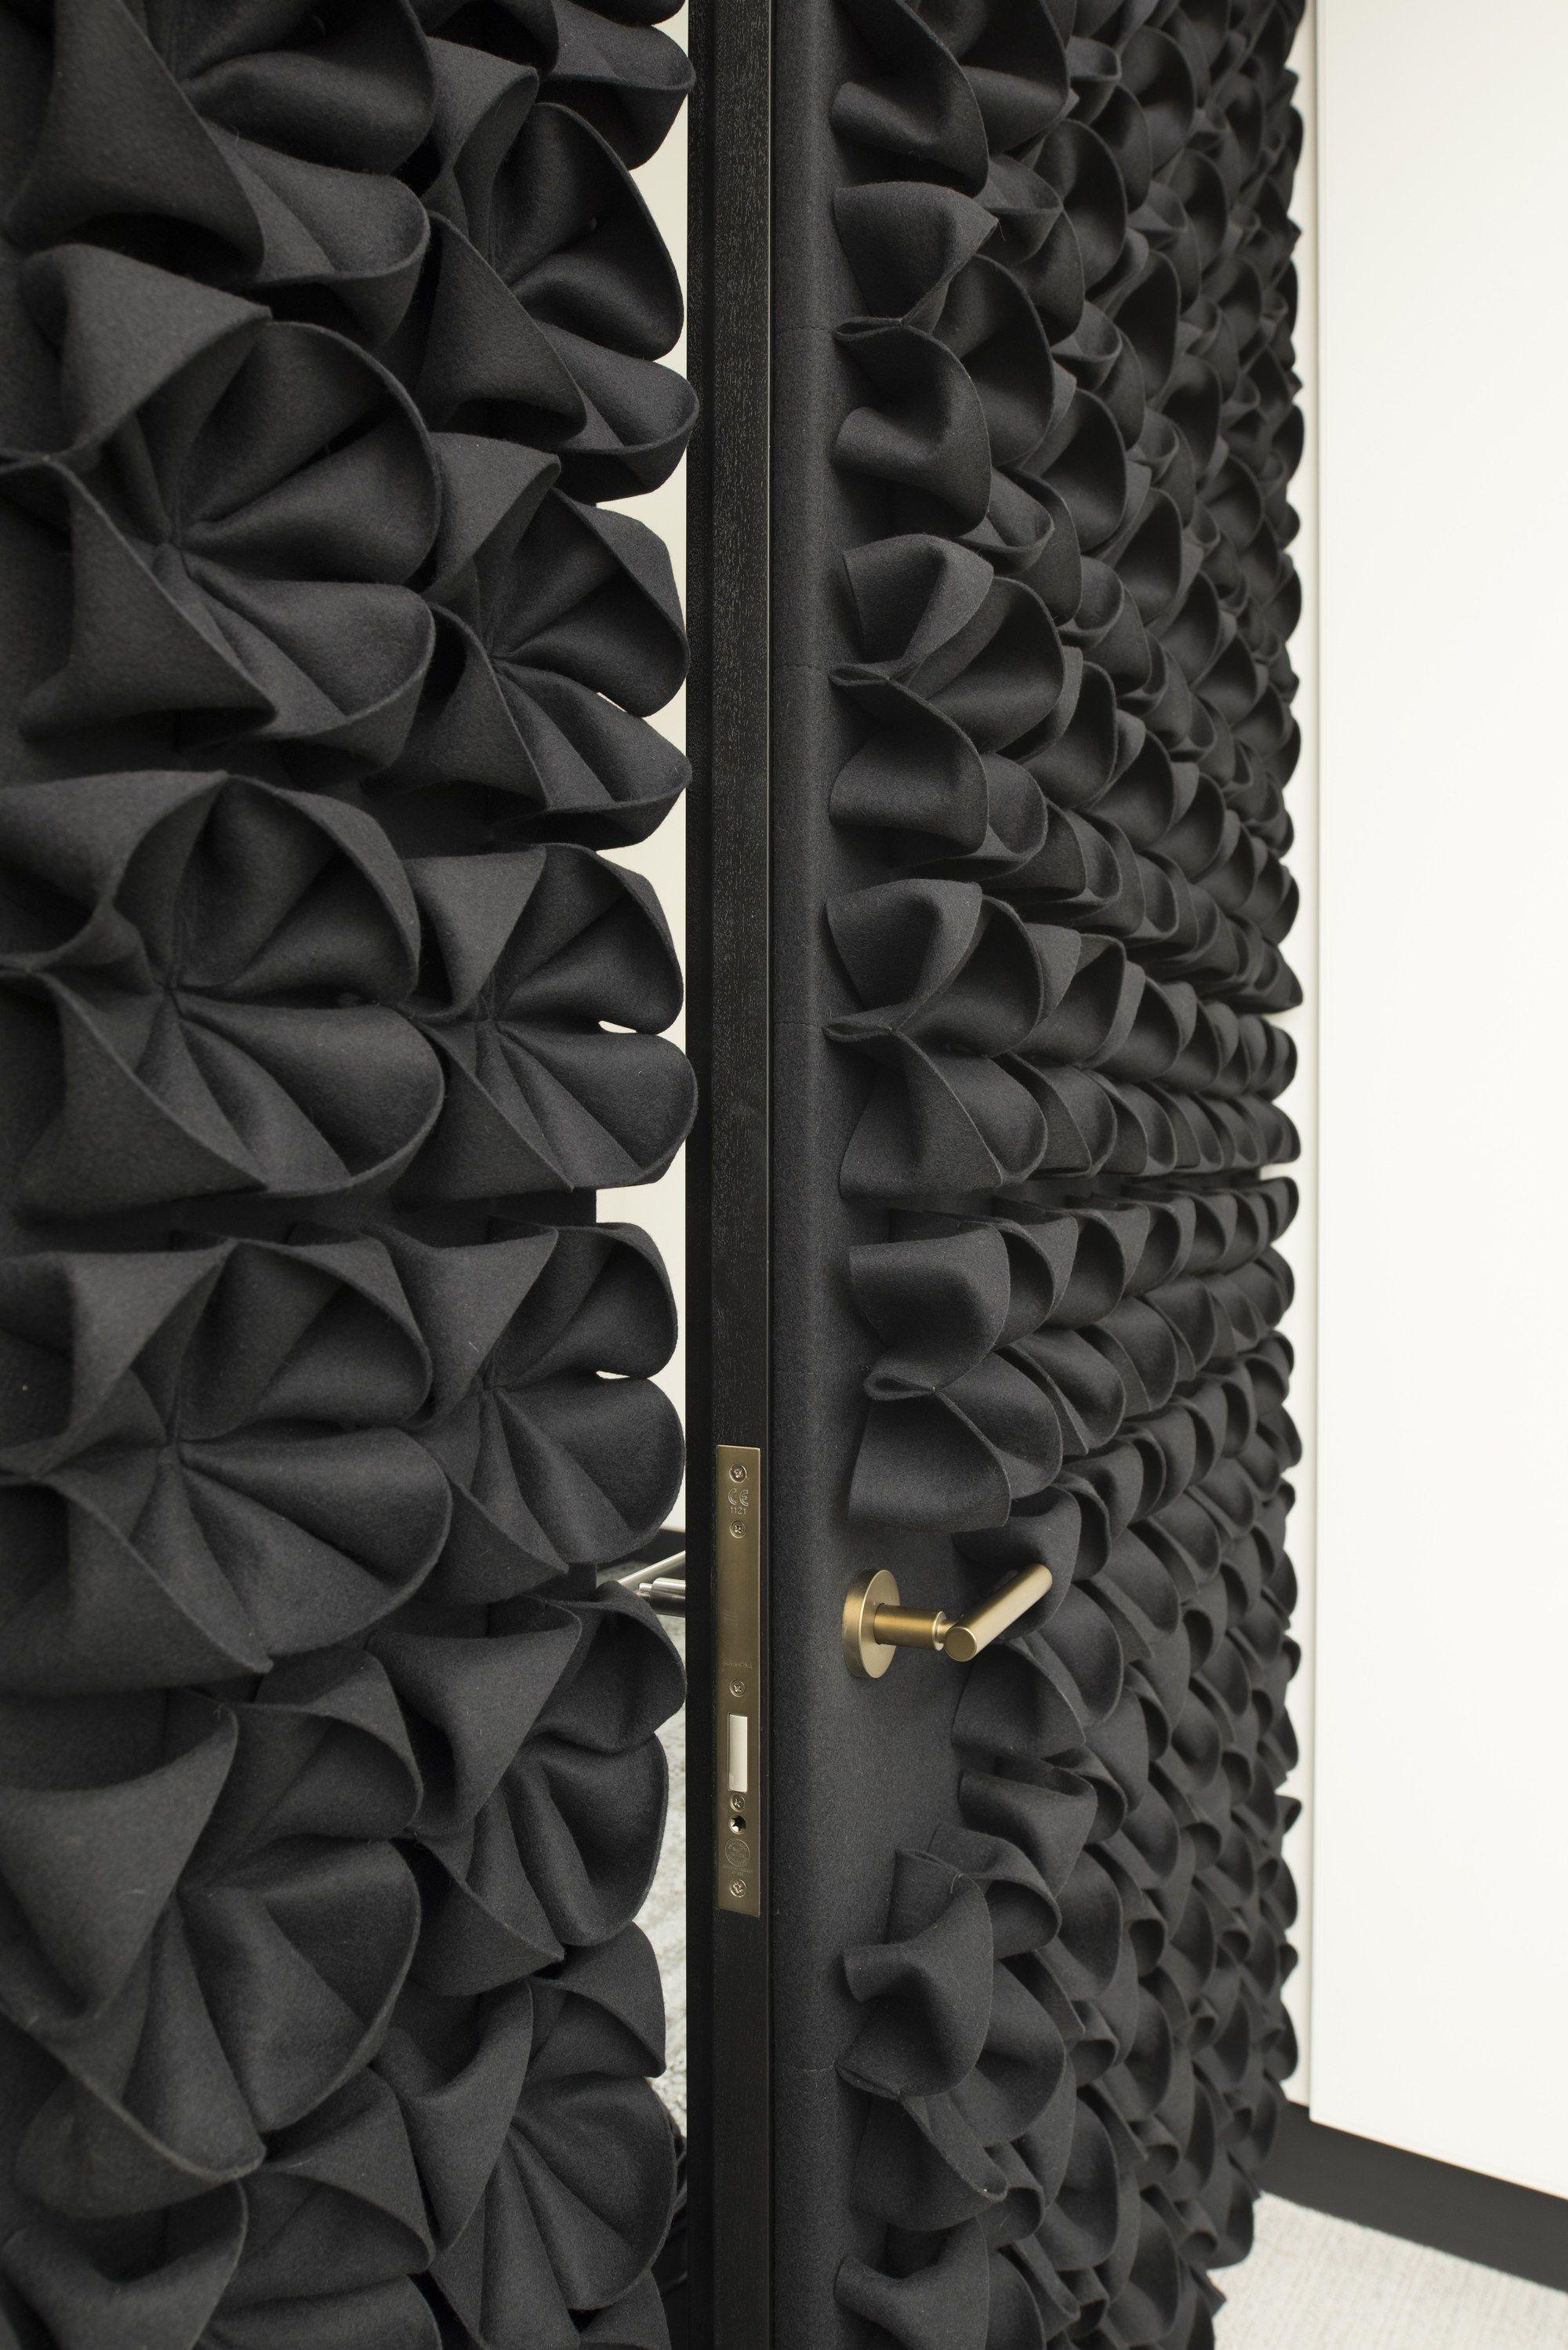 dani panneaux acoustiques d coratifs en feutre de laine by anne kyyr quinn design anne kyyr quinn. Black Bedroom Furniture Sets. Home Design Ideas